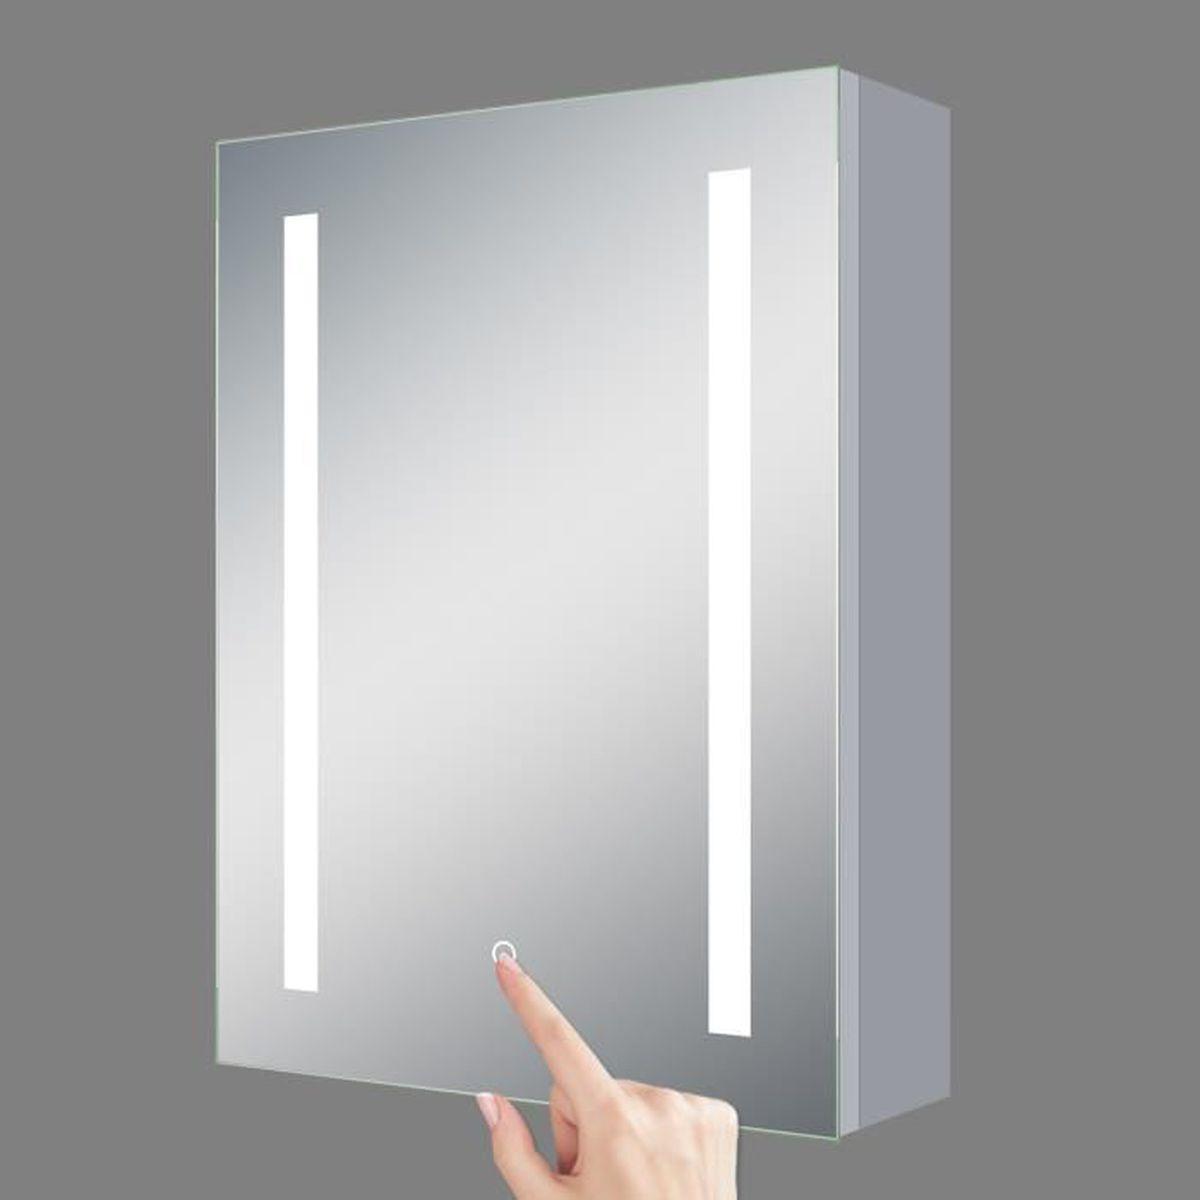 Meuble Haut Salle De Bain Avec Miroir meuble salle de bain avec miroir